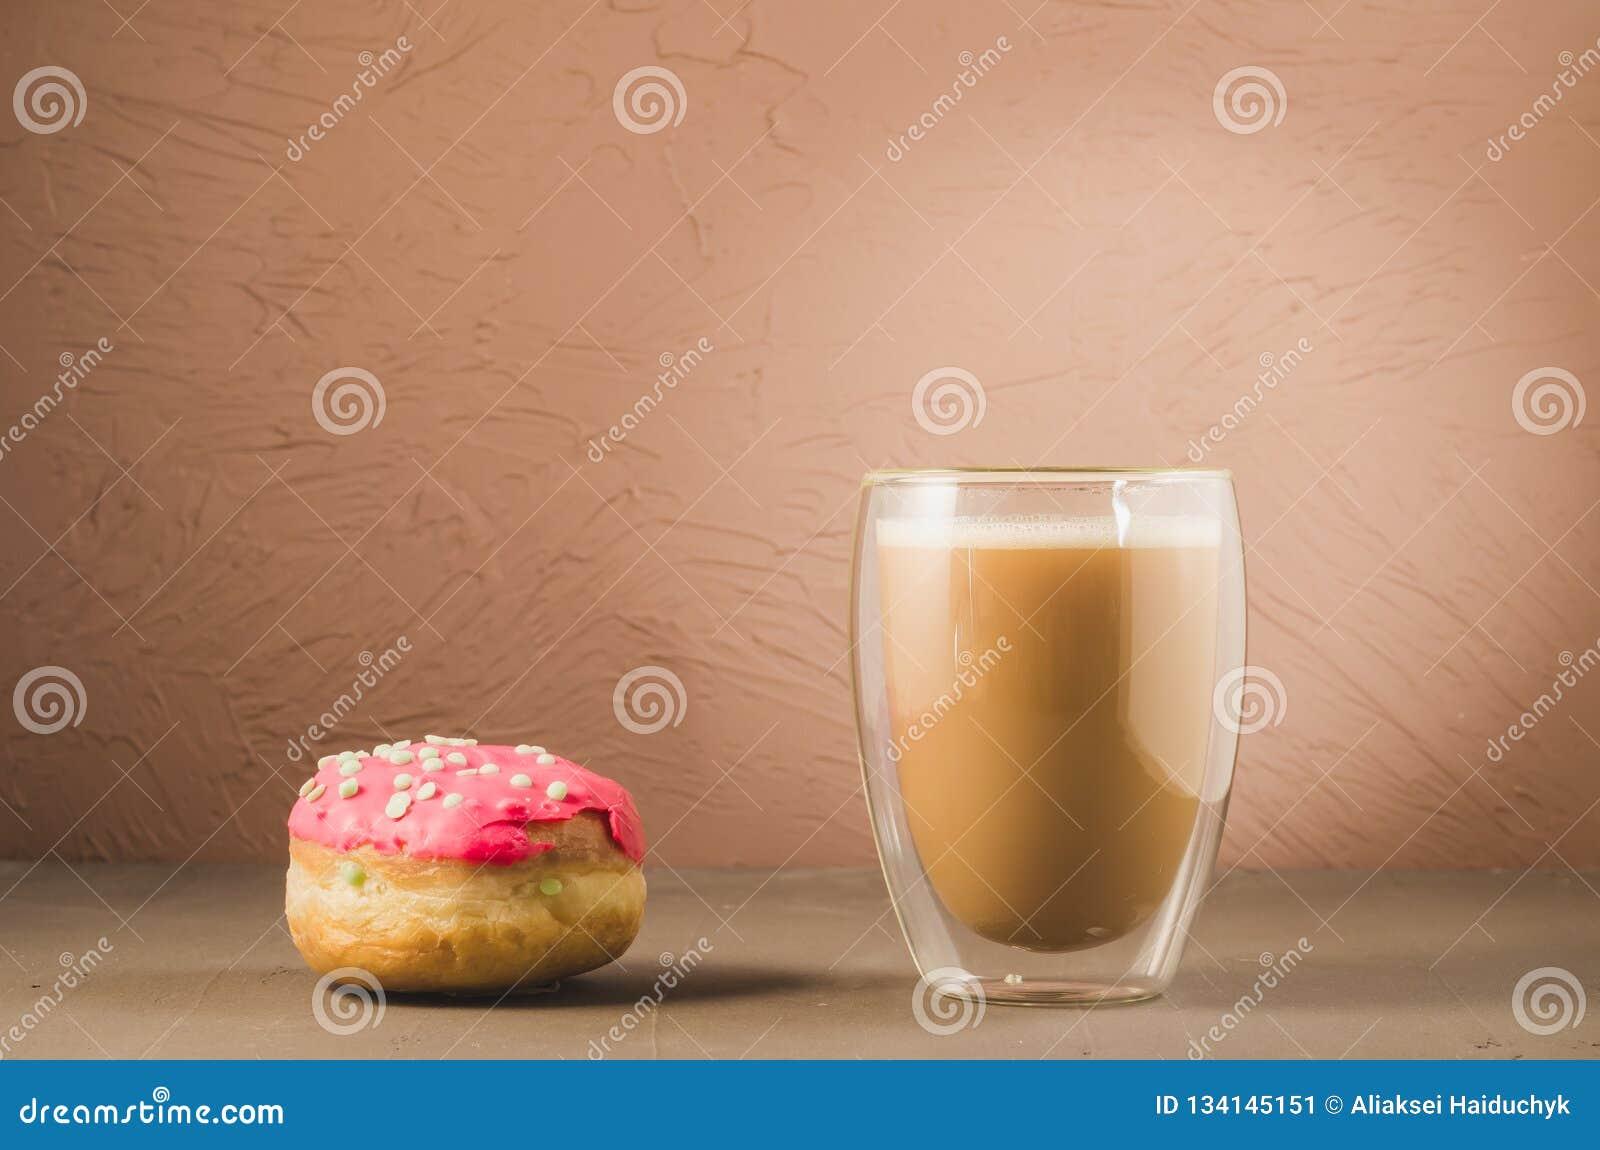 Doughnut in rode glans en een cappuccino /donut in rood glans en cappuccinoglas op een bruine achtergrond